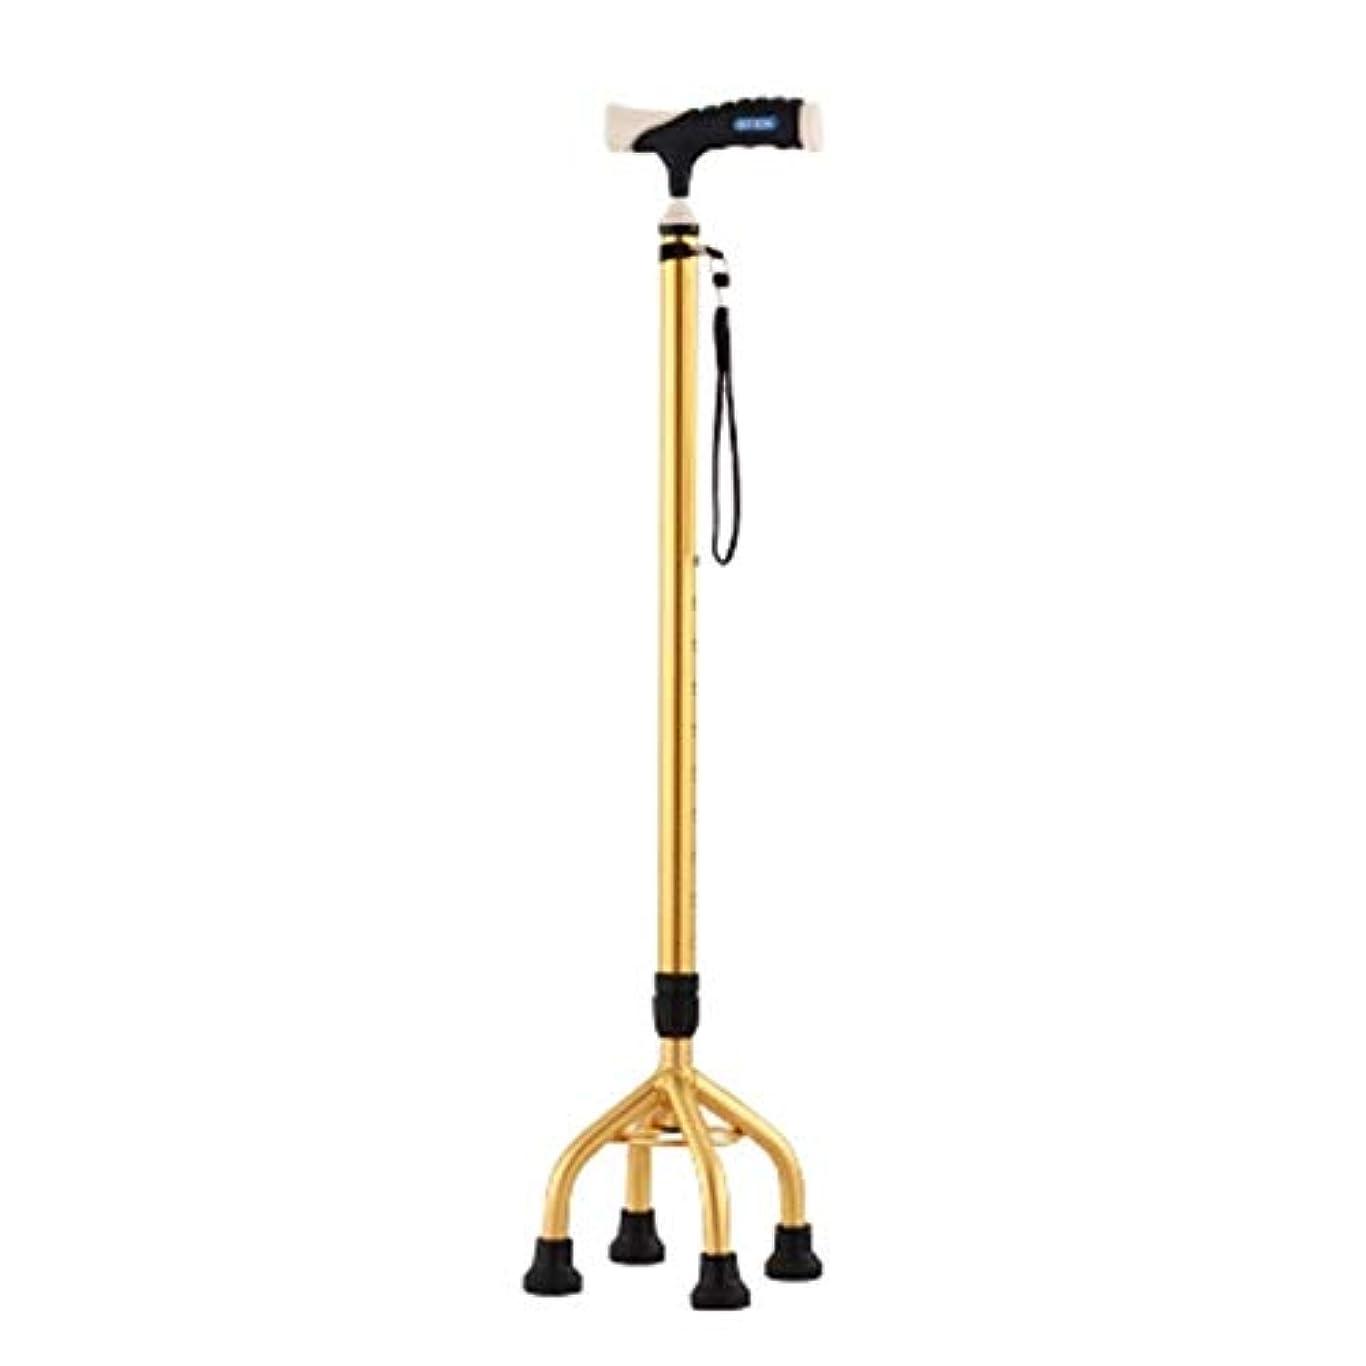 勤勉な虎パイル軽量高齢者4足滑り止めステッキ伸縮式安定滑り止め、高さ4フィートの調節可能な松葉杖、老人女性用杖障害者